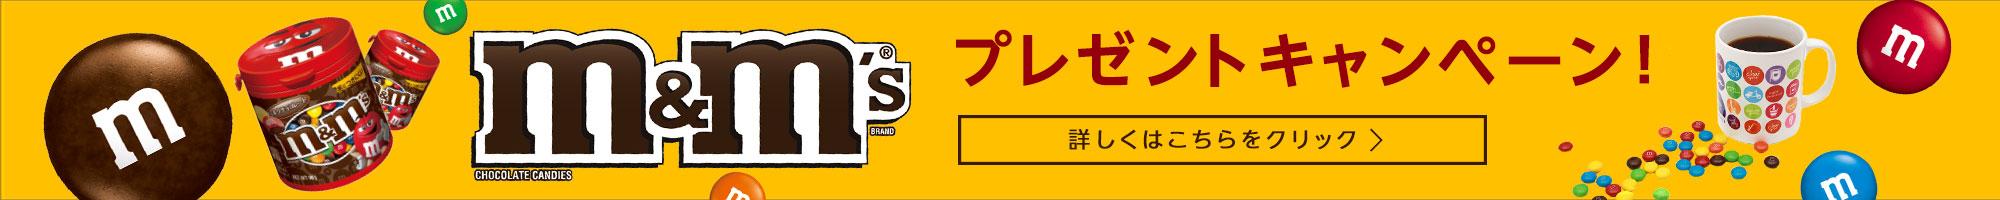 m&m's プレゼントキャンペーン実施中